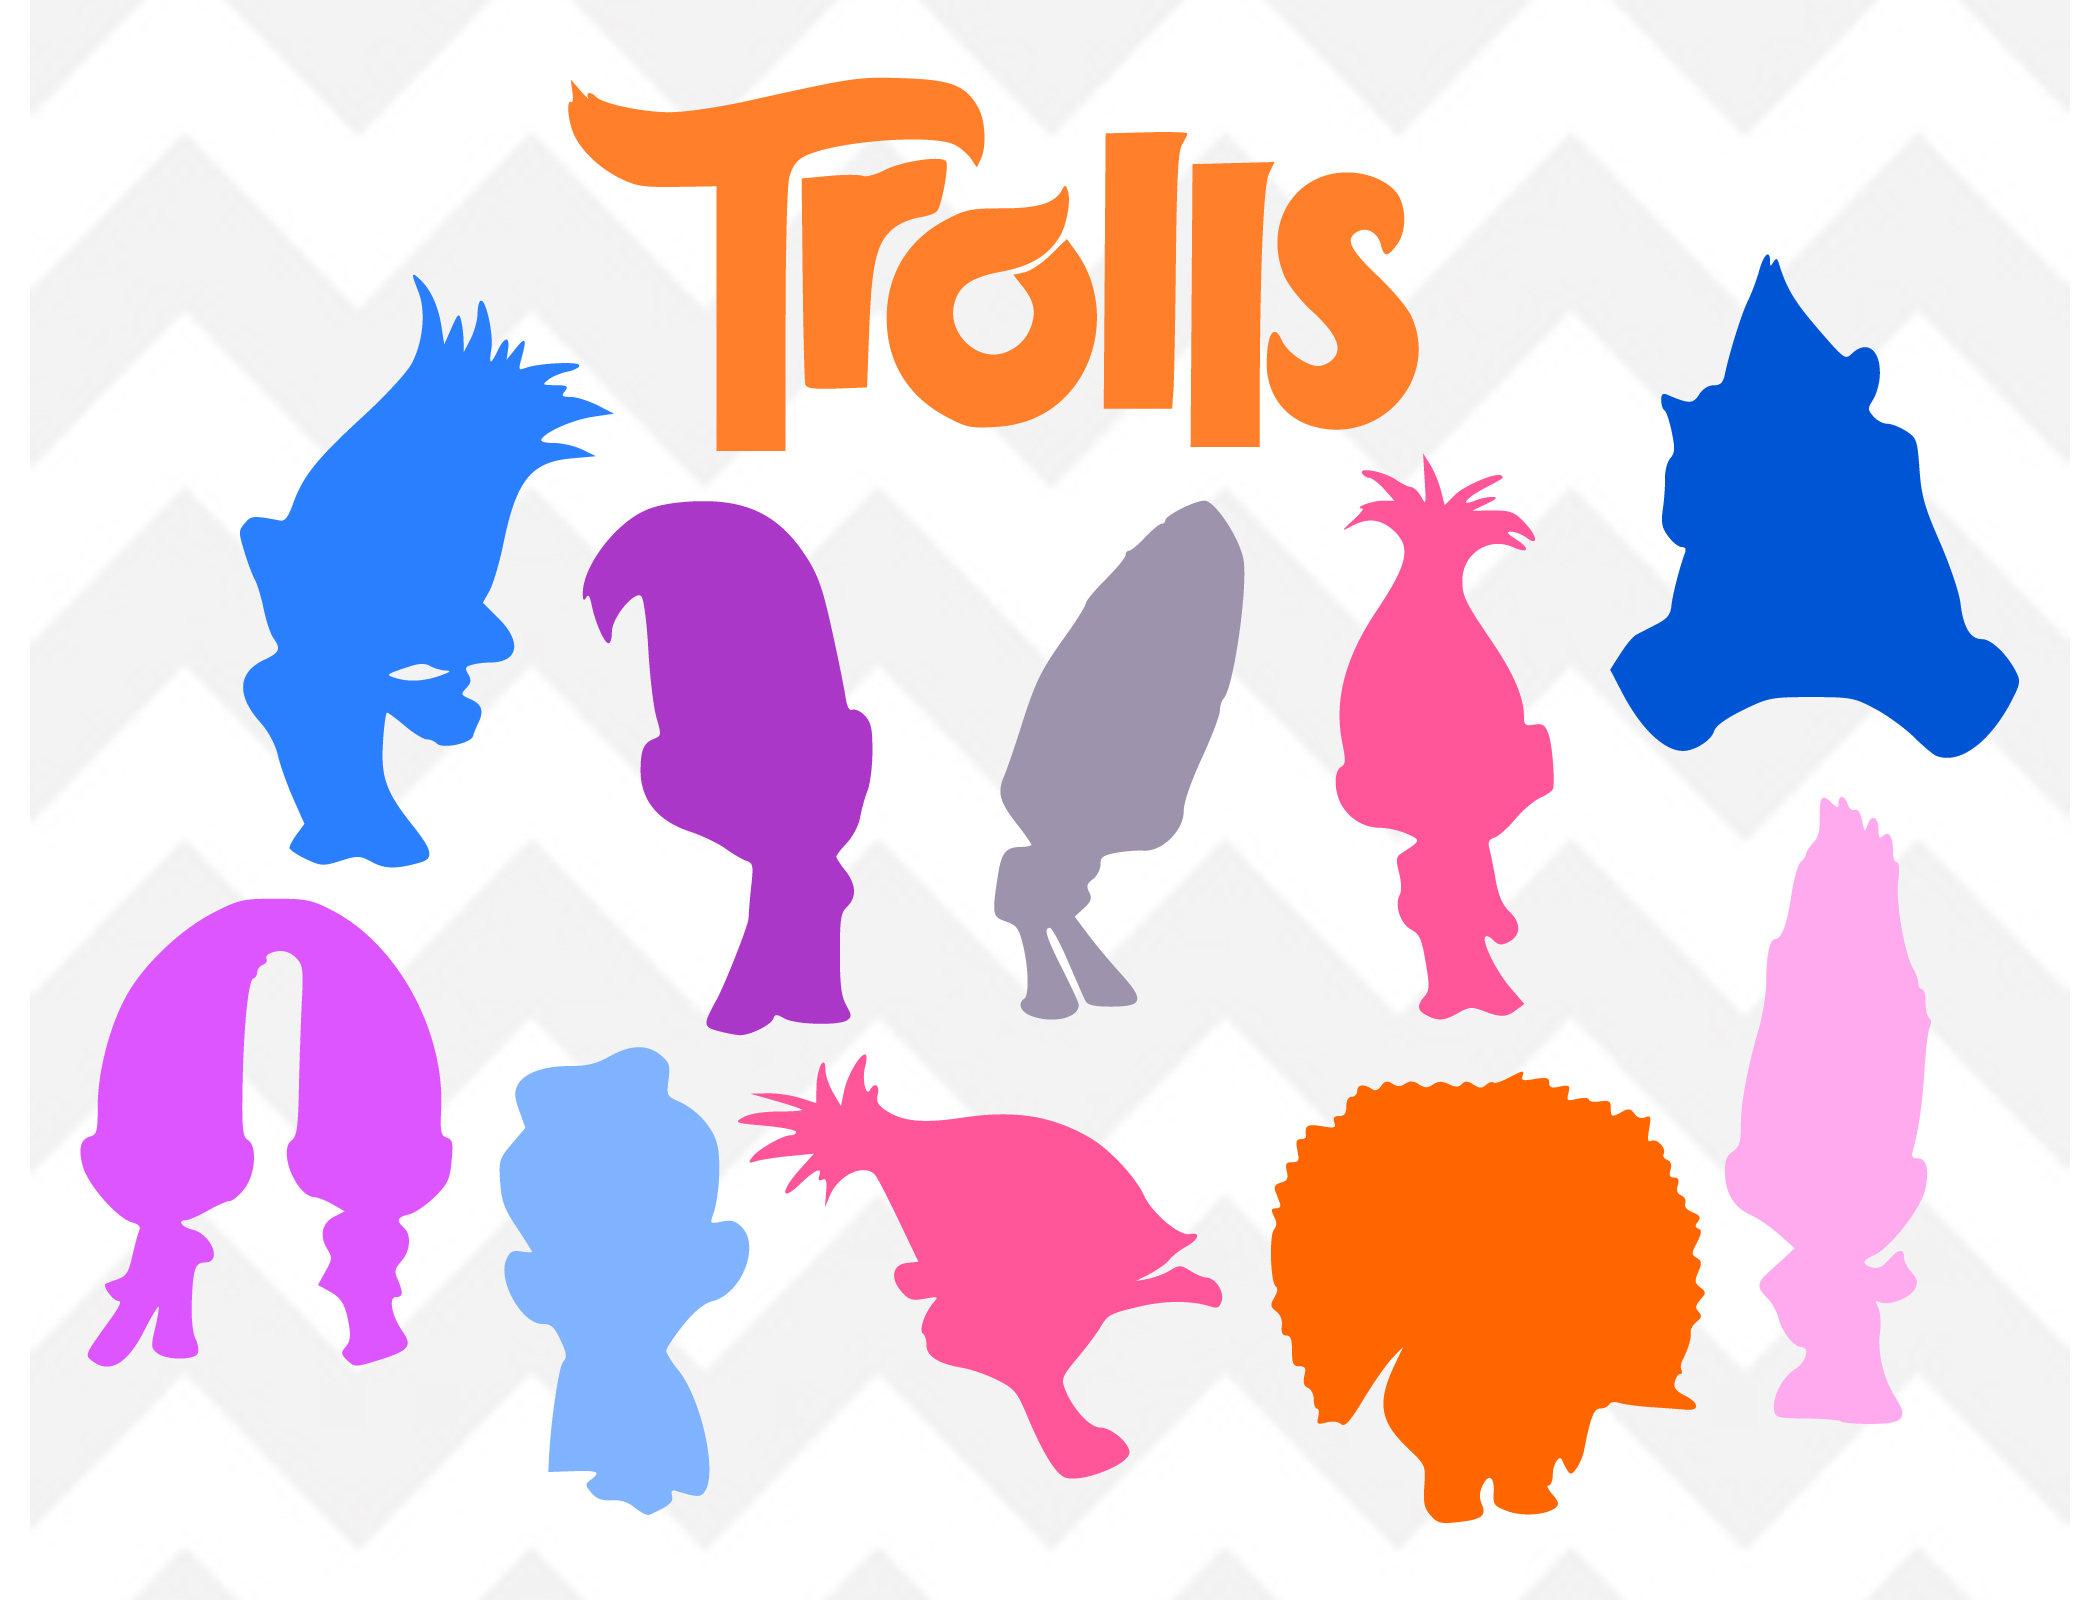 2100x1600 Trolls Svg Trolls Characters Svg Poppy Svg Branch Svg